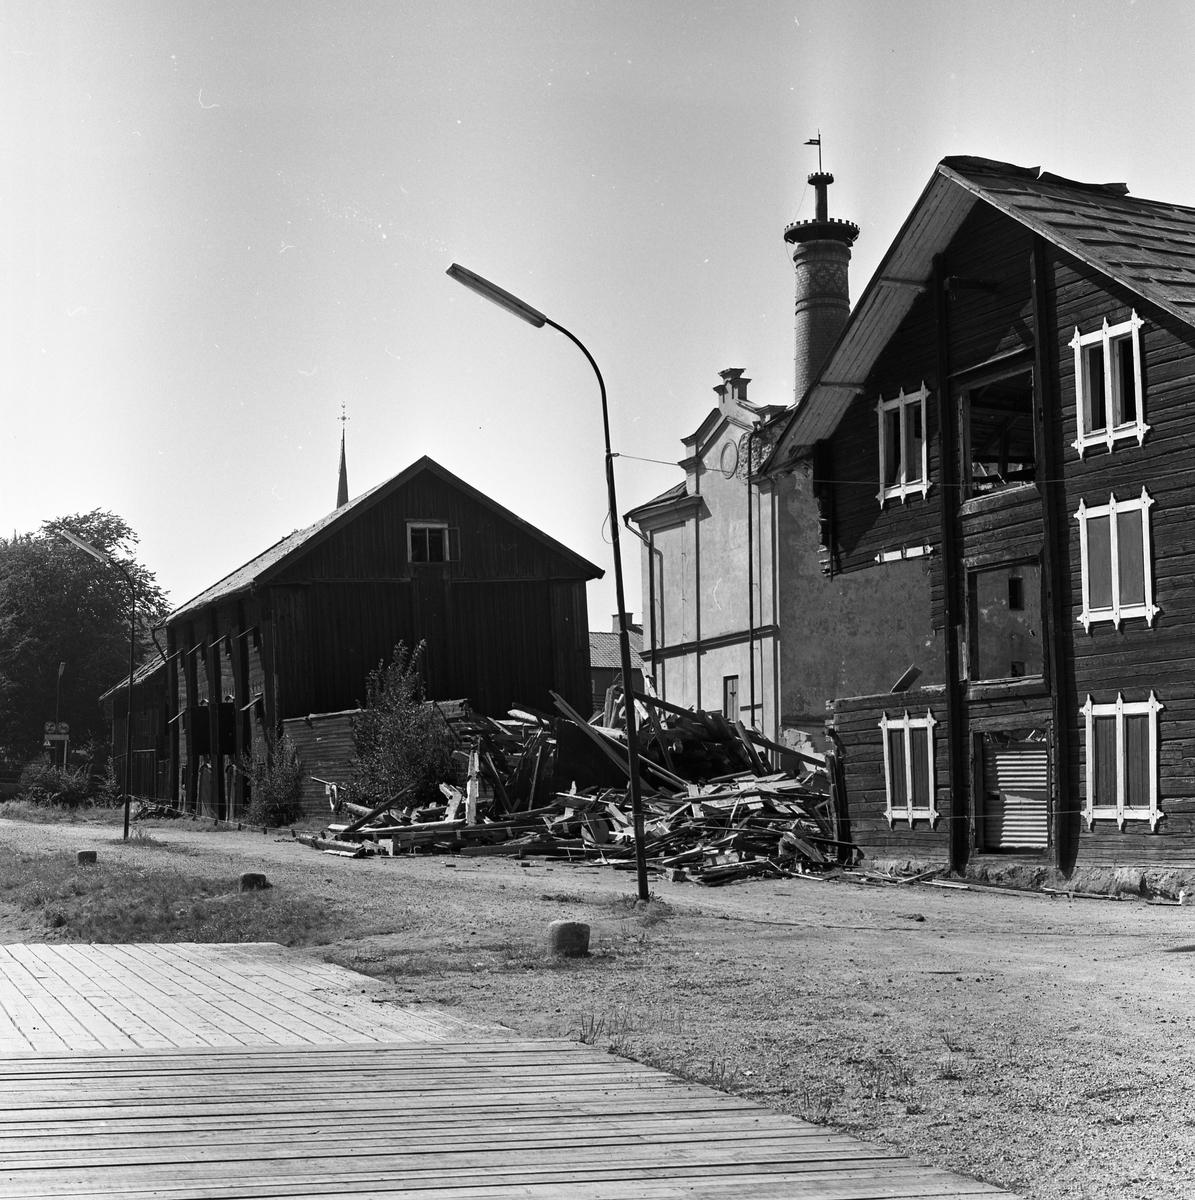 Arboga Kvarn och Maltfabrik har lagts ner. Rivningsarbetet pågår. Ett hamnmagasin har förvandlats till en brädhög. Den ljusa byggnaden i mitten är fabriken. De andra husen är magasin som snart ska rivas. Tornet, på Heliga Trefaldighetskyrkan, syns ovanför taket. Det som kom att bli Arboga Kvarn och Maltfabrik anlades 1821 av Jonas Örström. Kvarnrörelsen startade 1915. Vetemjöl av märket Guldsnö producerades här.  Kvarnrörelsen upphörde 1967 medan maltproduktionen fortsatte till 1972.  Läs om Arboga Kvarn och Maltfabrik: Hembygdsföreningen Arboga Minnes årsböcker från 1979 och 1999 Reinhold Carlssons bok Arboga objektivt sett